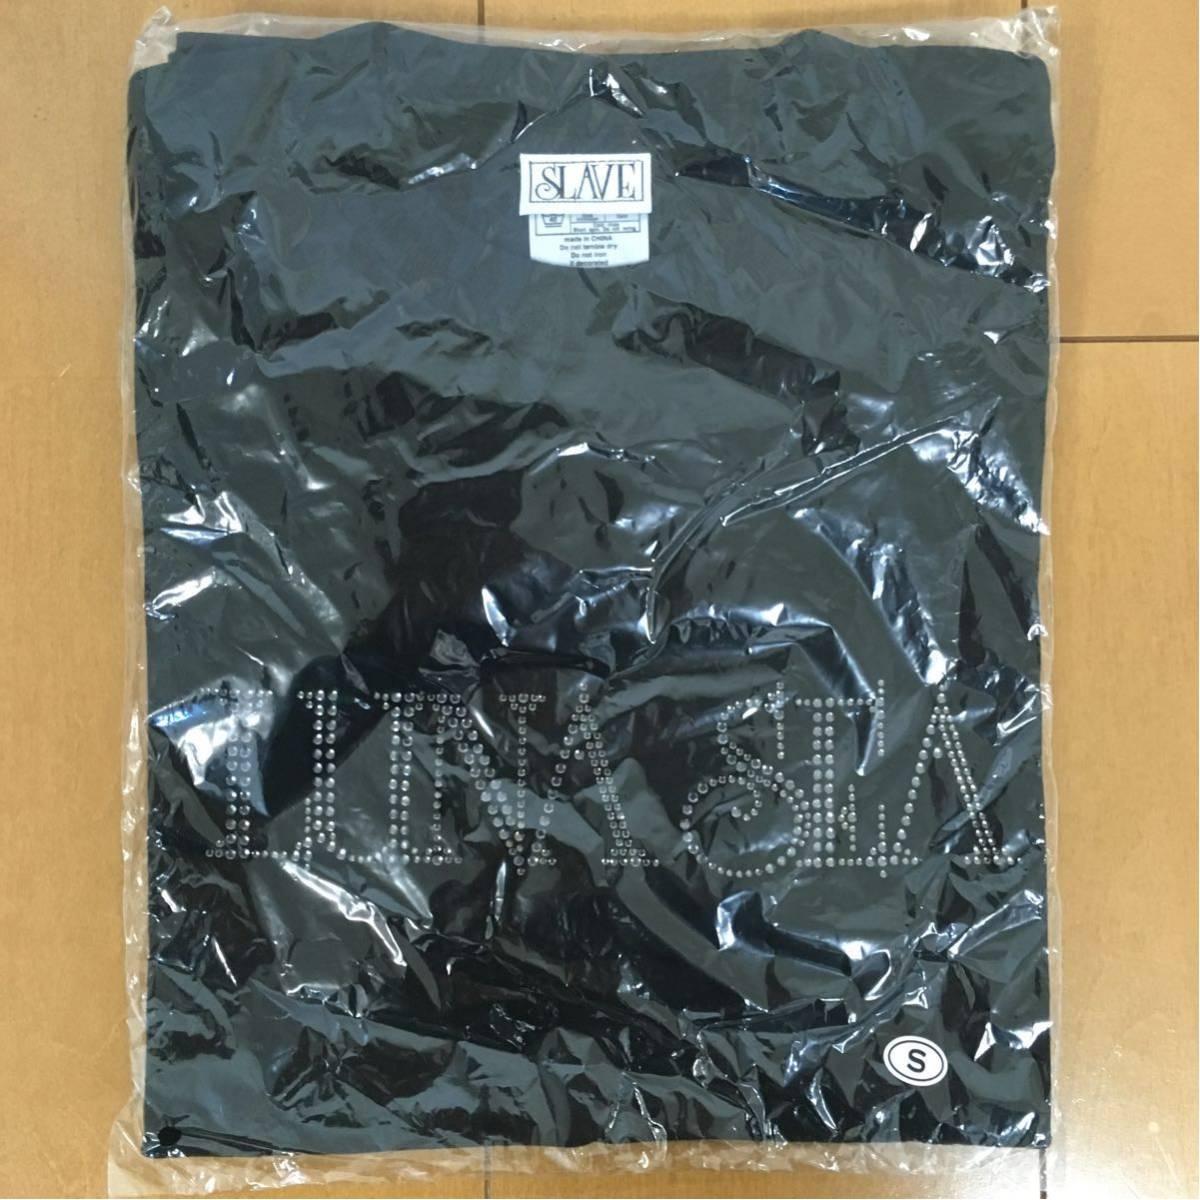 【新品未開封】LUNA SEA Tシャツ Sサイズ one night djvu ラインストーン